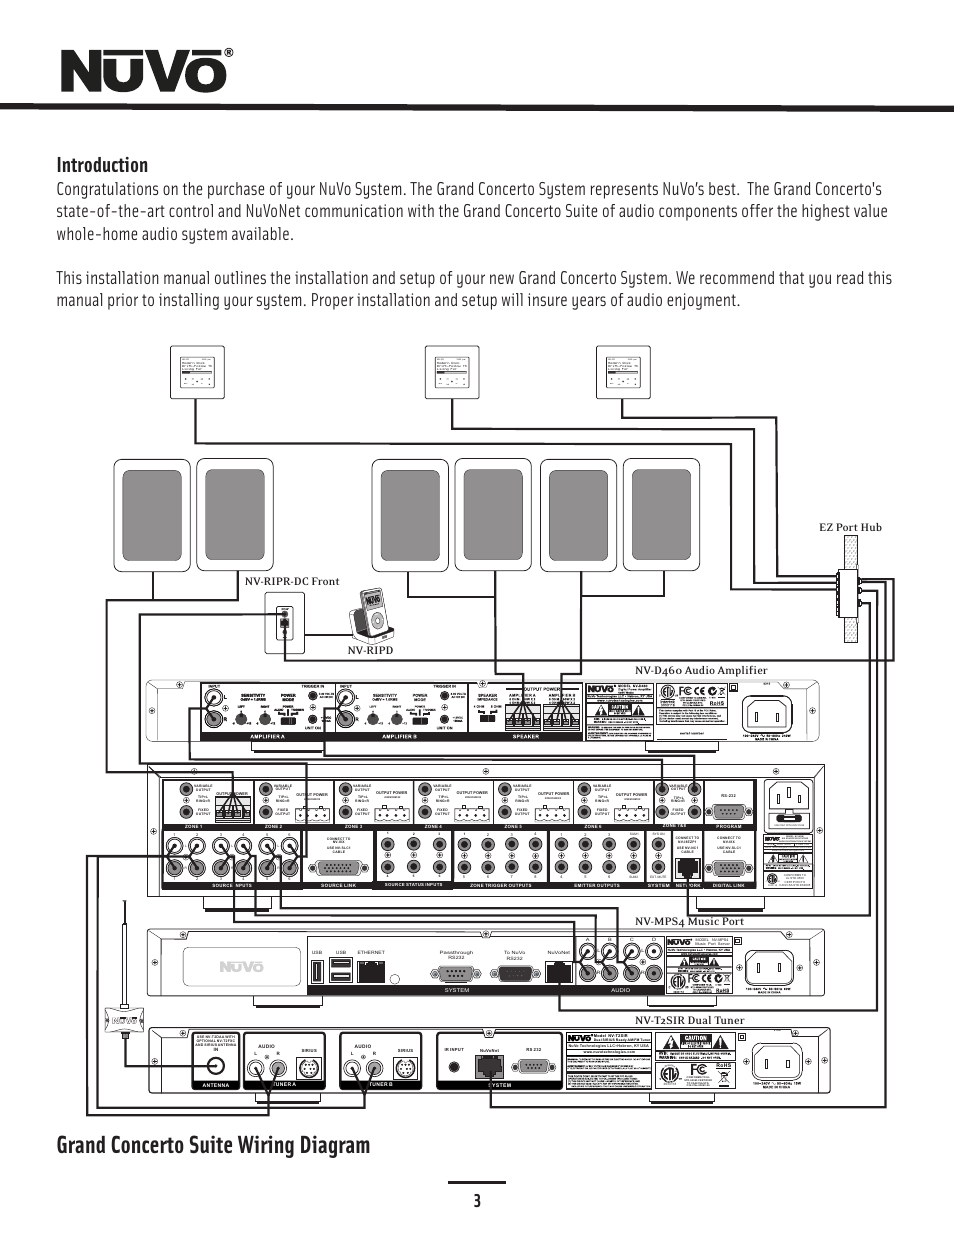 medium resolution of grand concerto suite wiring diagram introduction menu ok nuvo essentia nv e6gxs